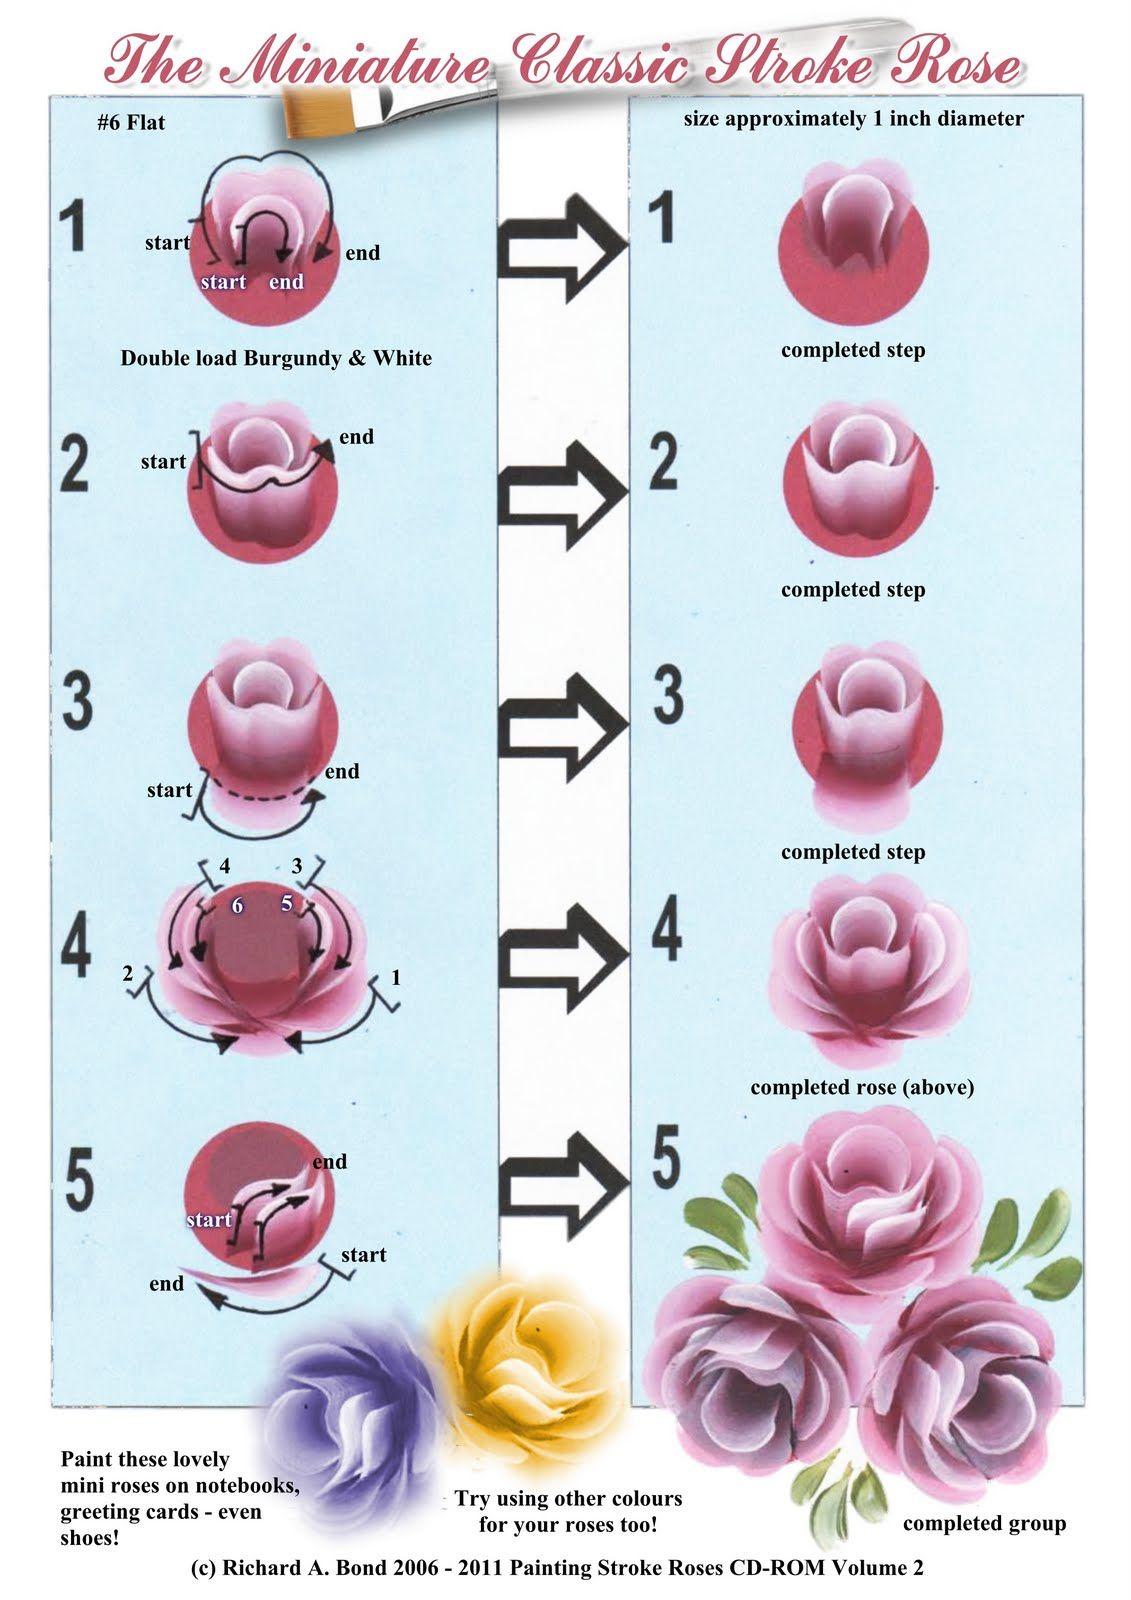 The Miniature Classic Stroke Rose